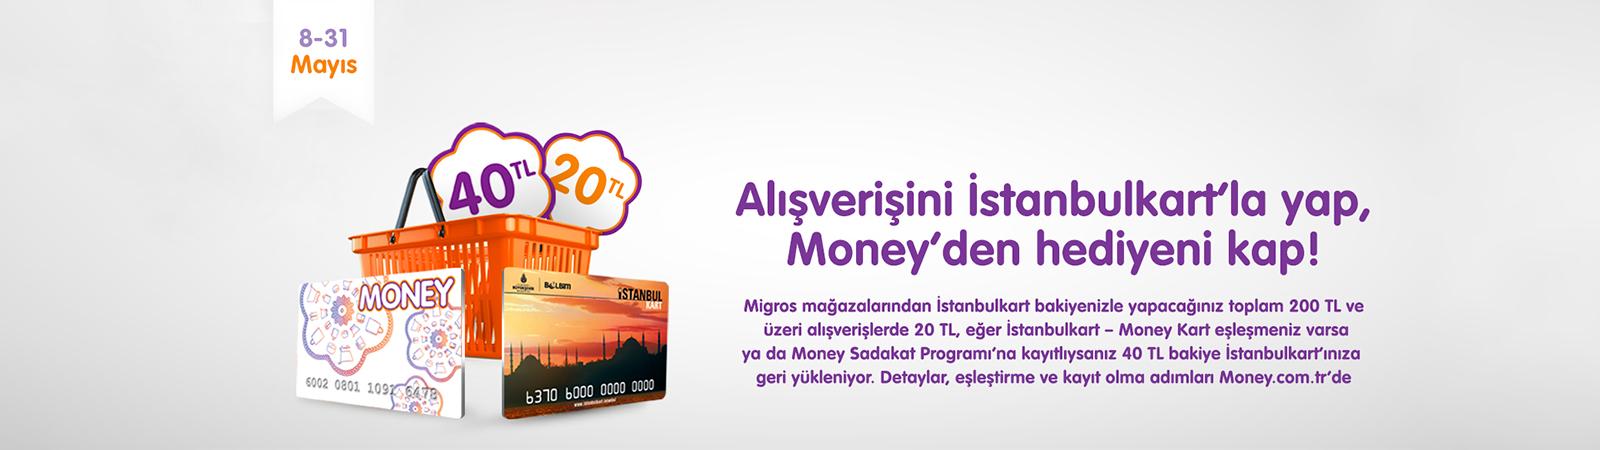 Alışverişini İstanbulkart'la Yap, Money'den Hediyeni Kap!